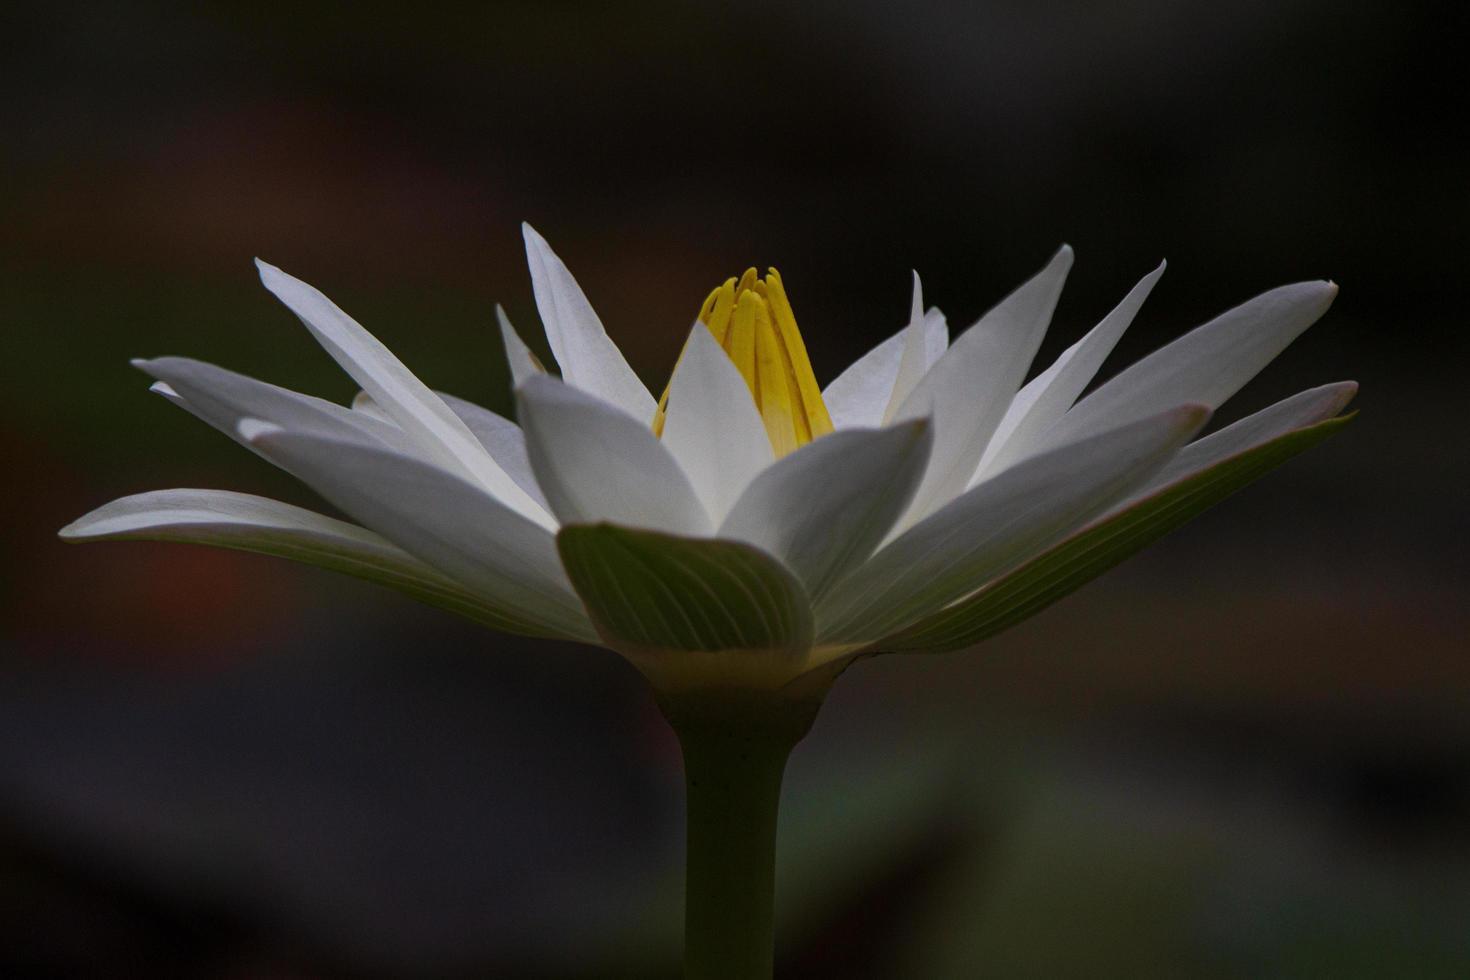 flor de lótus branca à noite foto